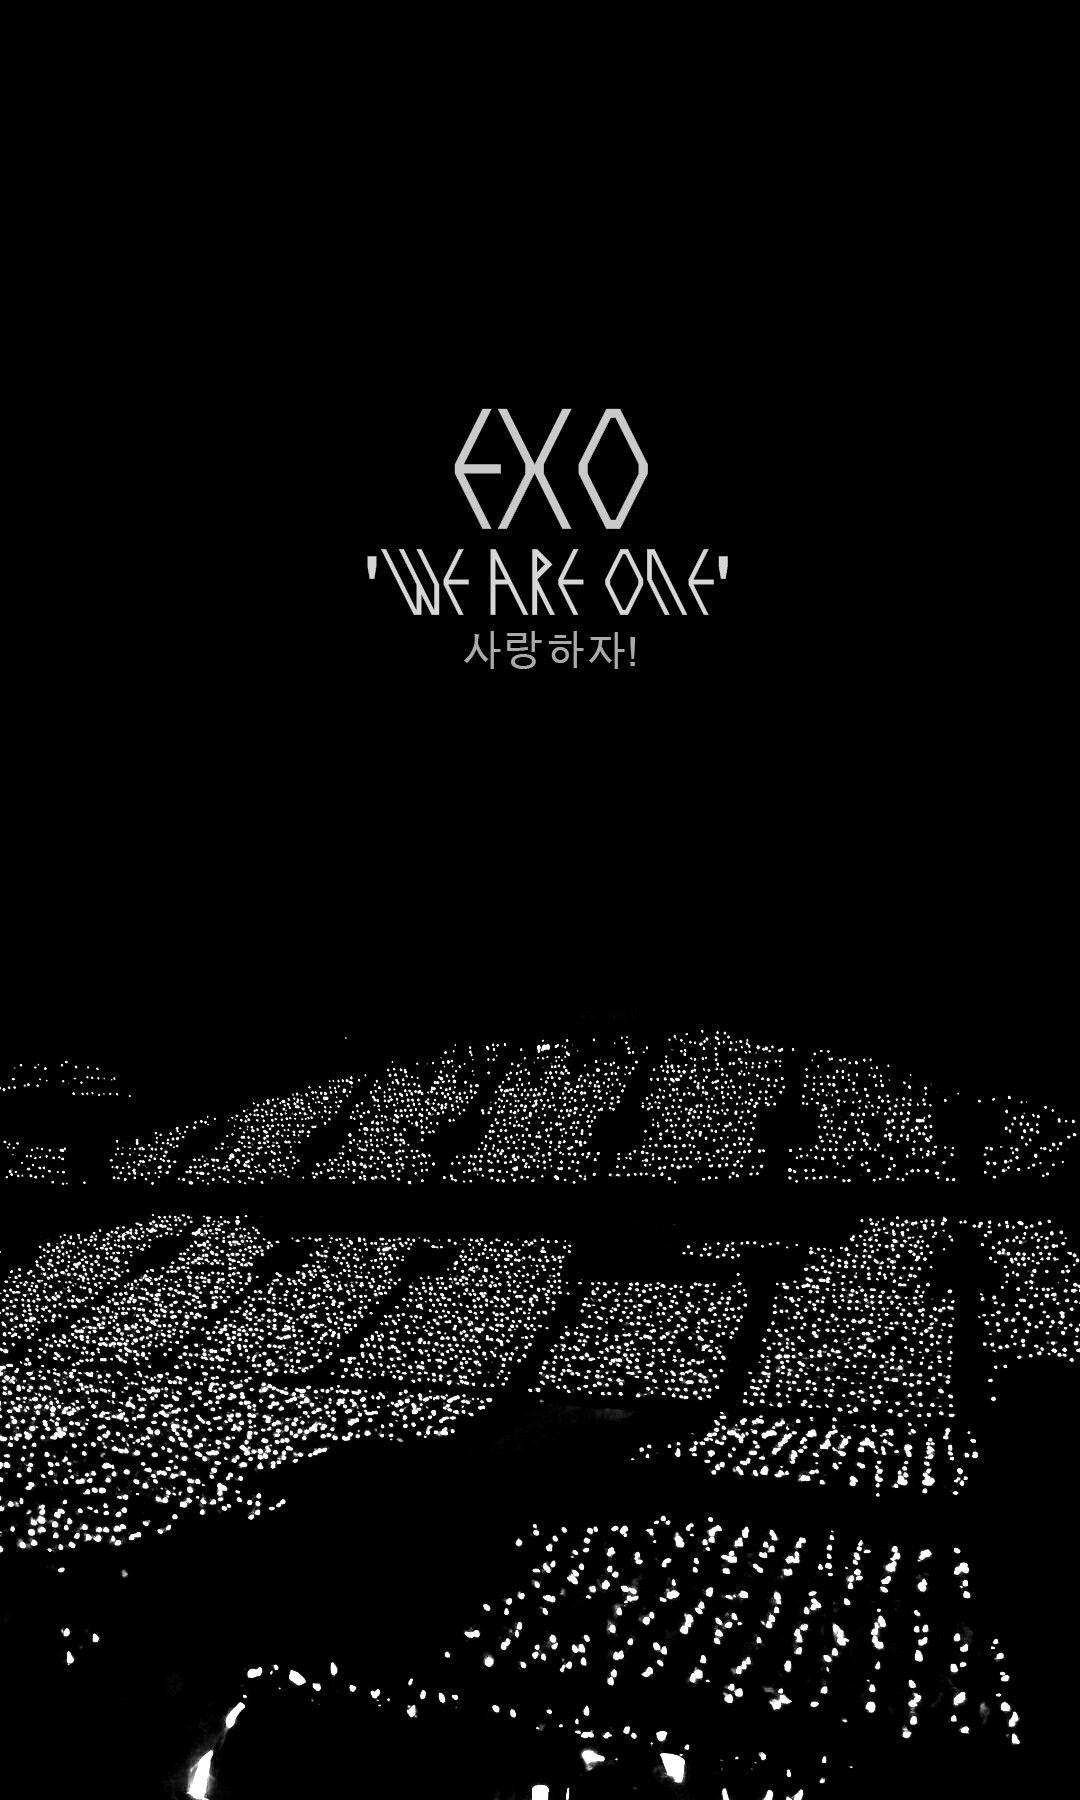 Silver Ocean Exo Exol Sehun Baekhyun Dan Selebritas